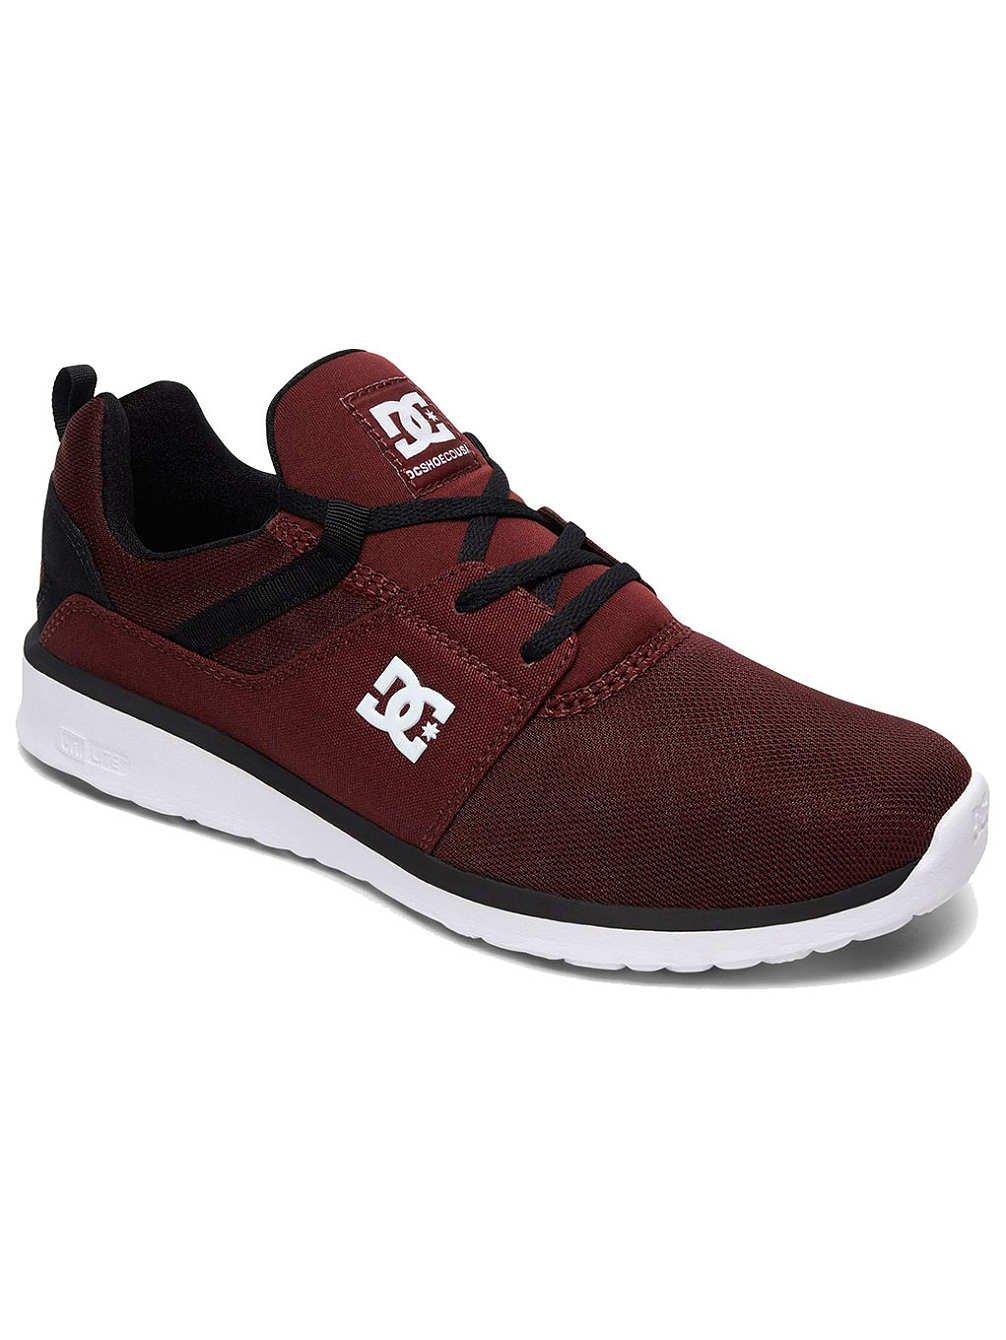 DC Heathrow - Zapatillas Hombre 43 EU Cabernet Venta de calzado deportivo de moda en línea